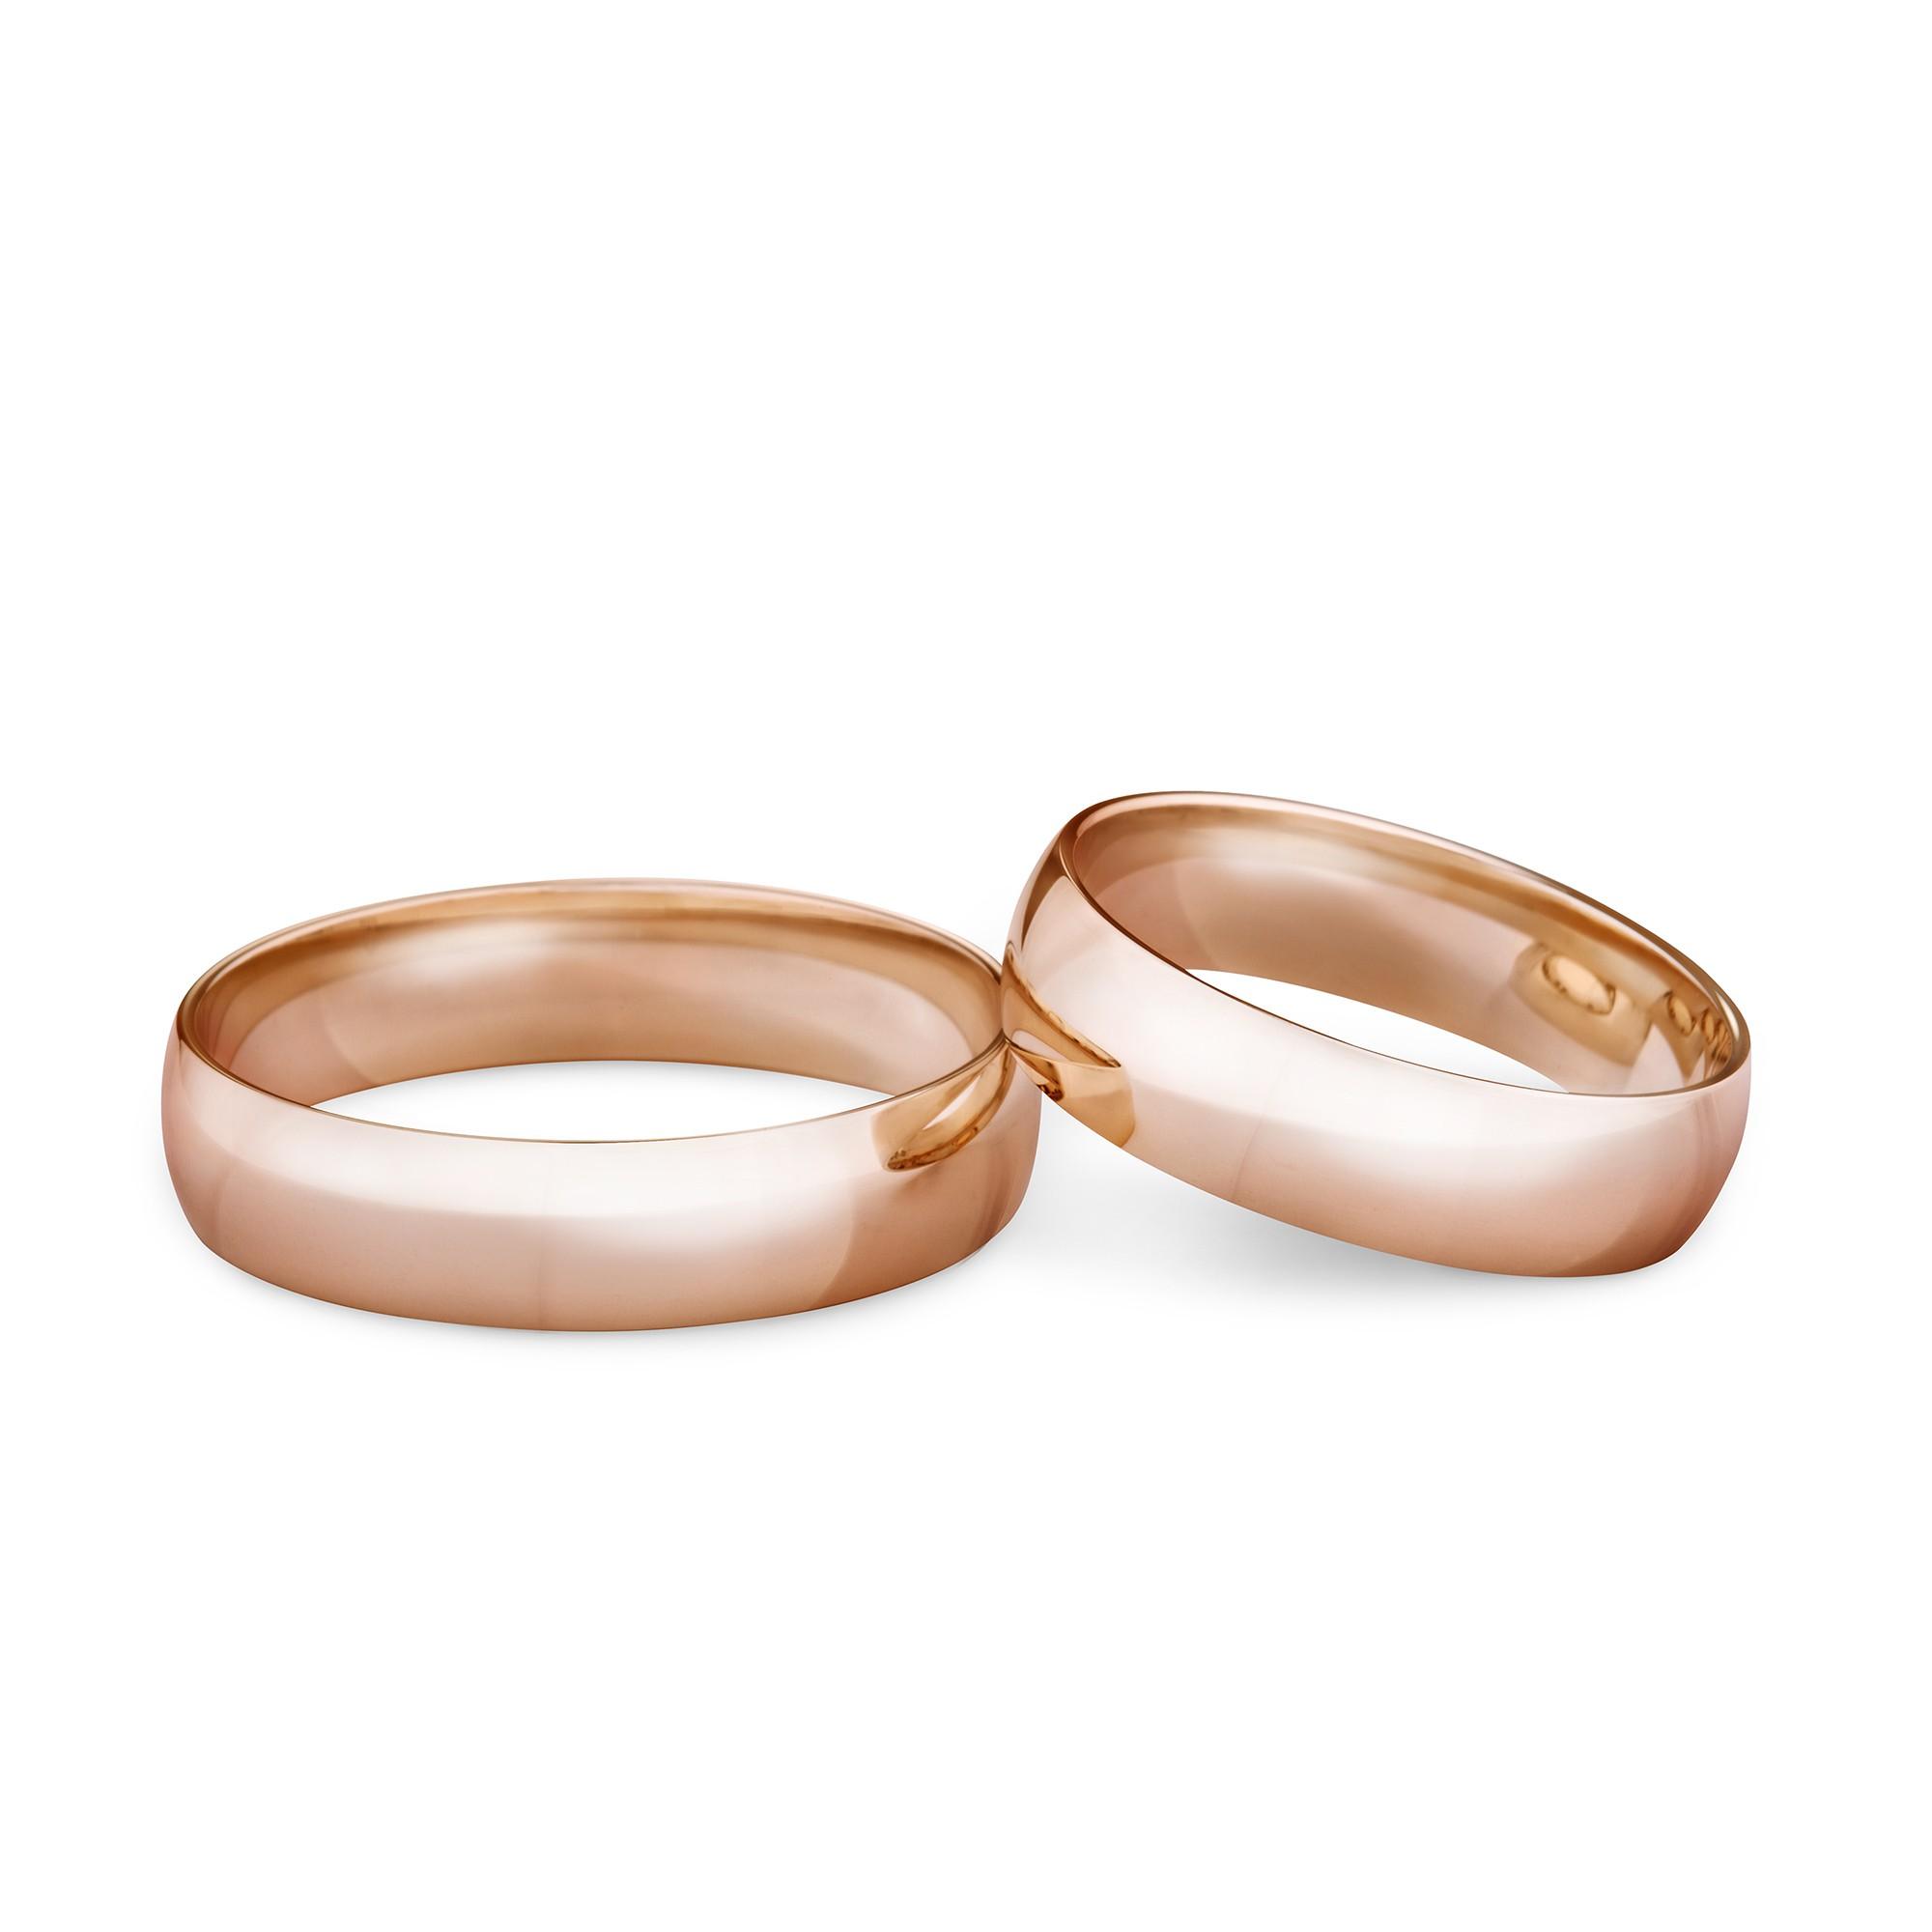 Obrączka ślubna z różowego złota K22